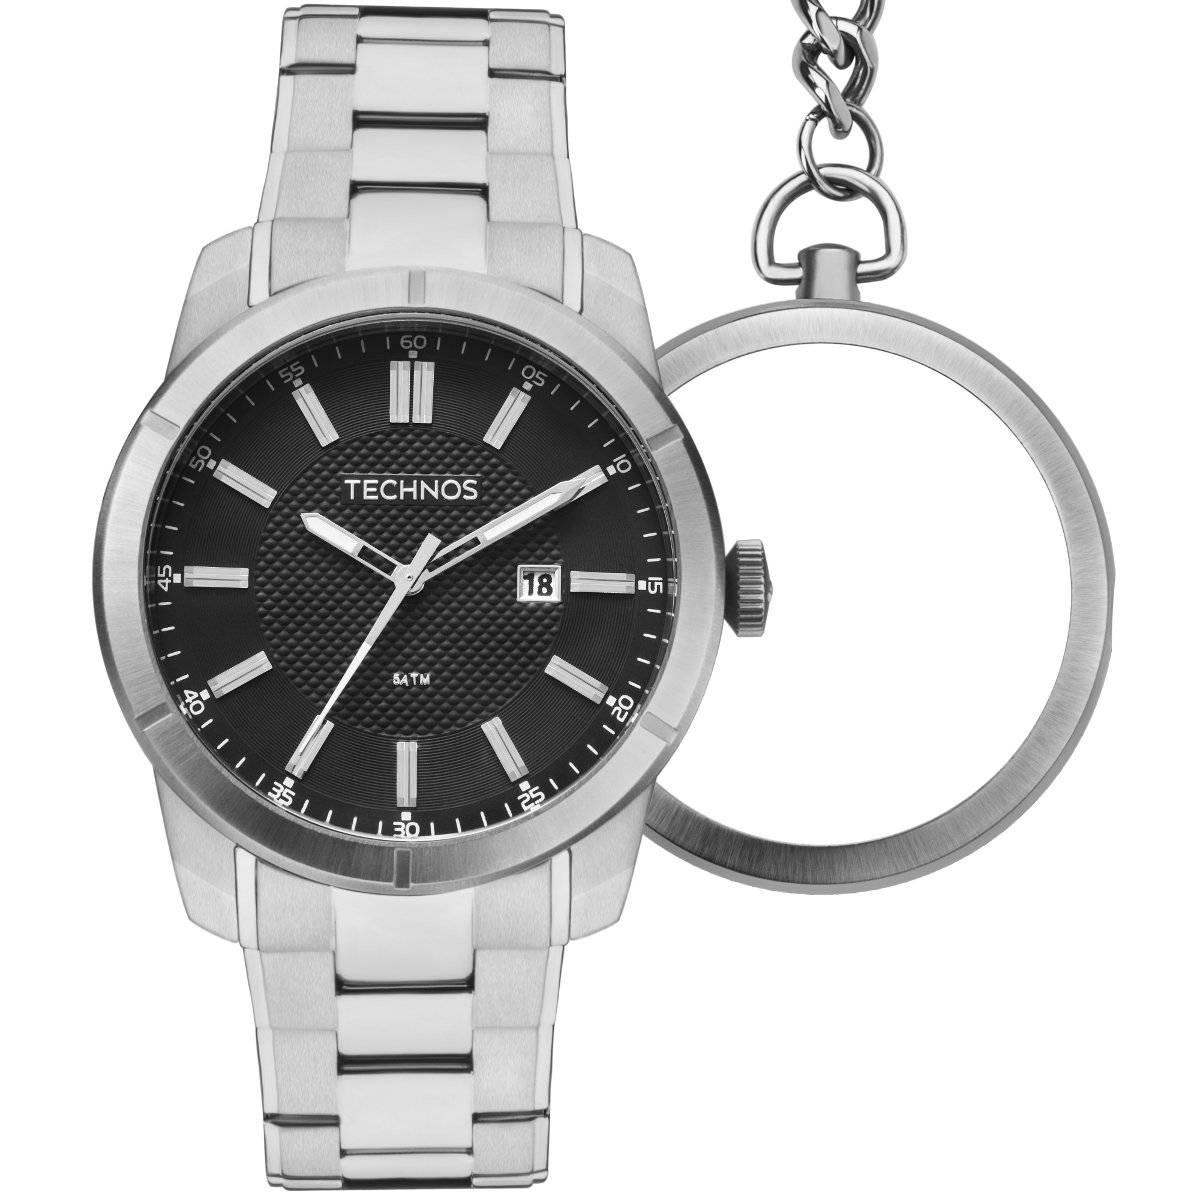 Relógio Technos Classic Grandtech Pulso e Bolso Masculino Quartz GM10YD/1P